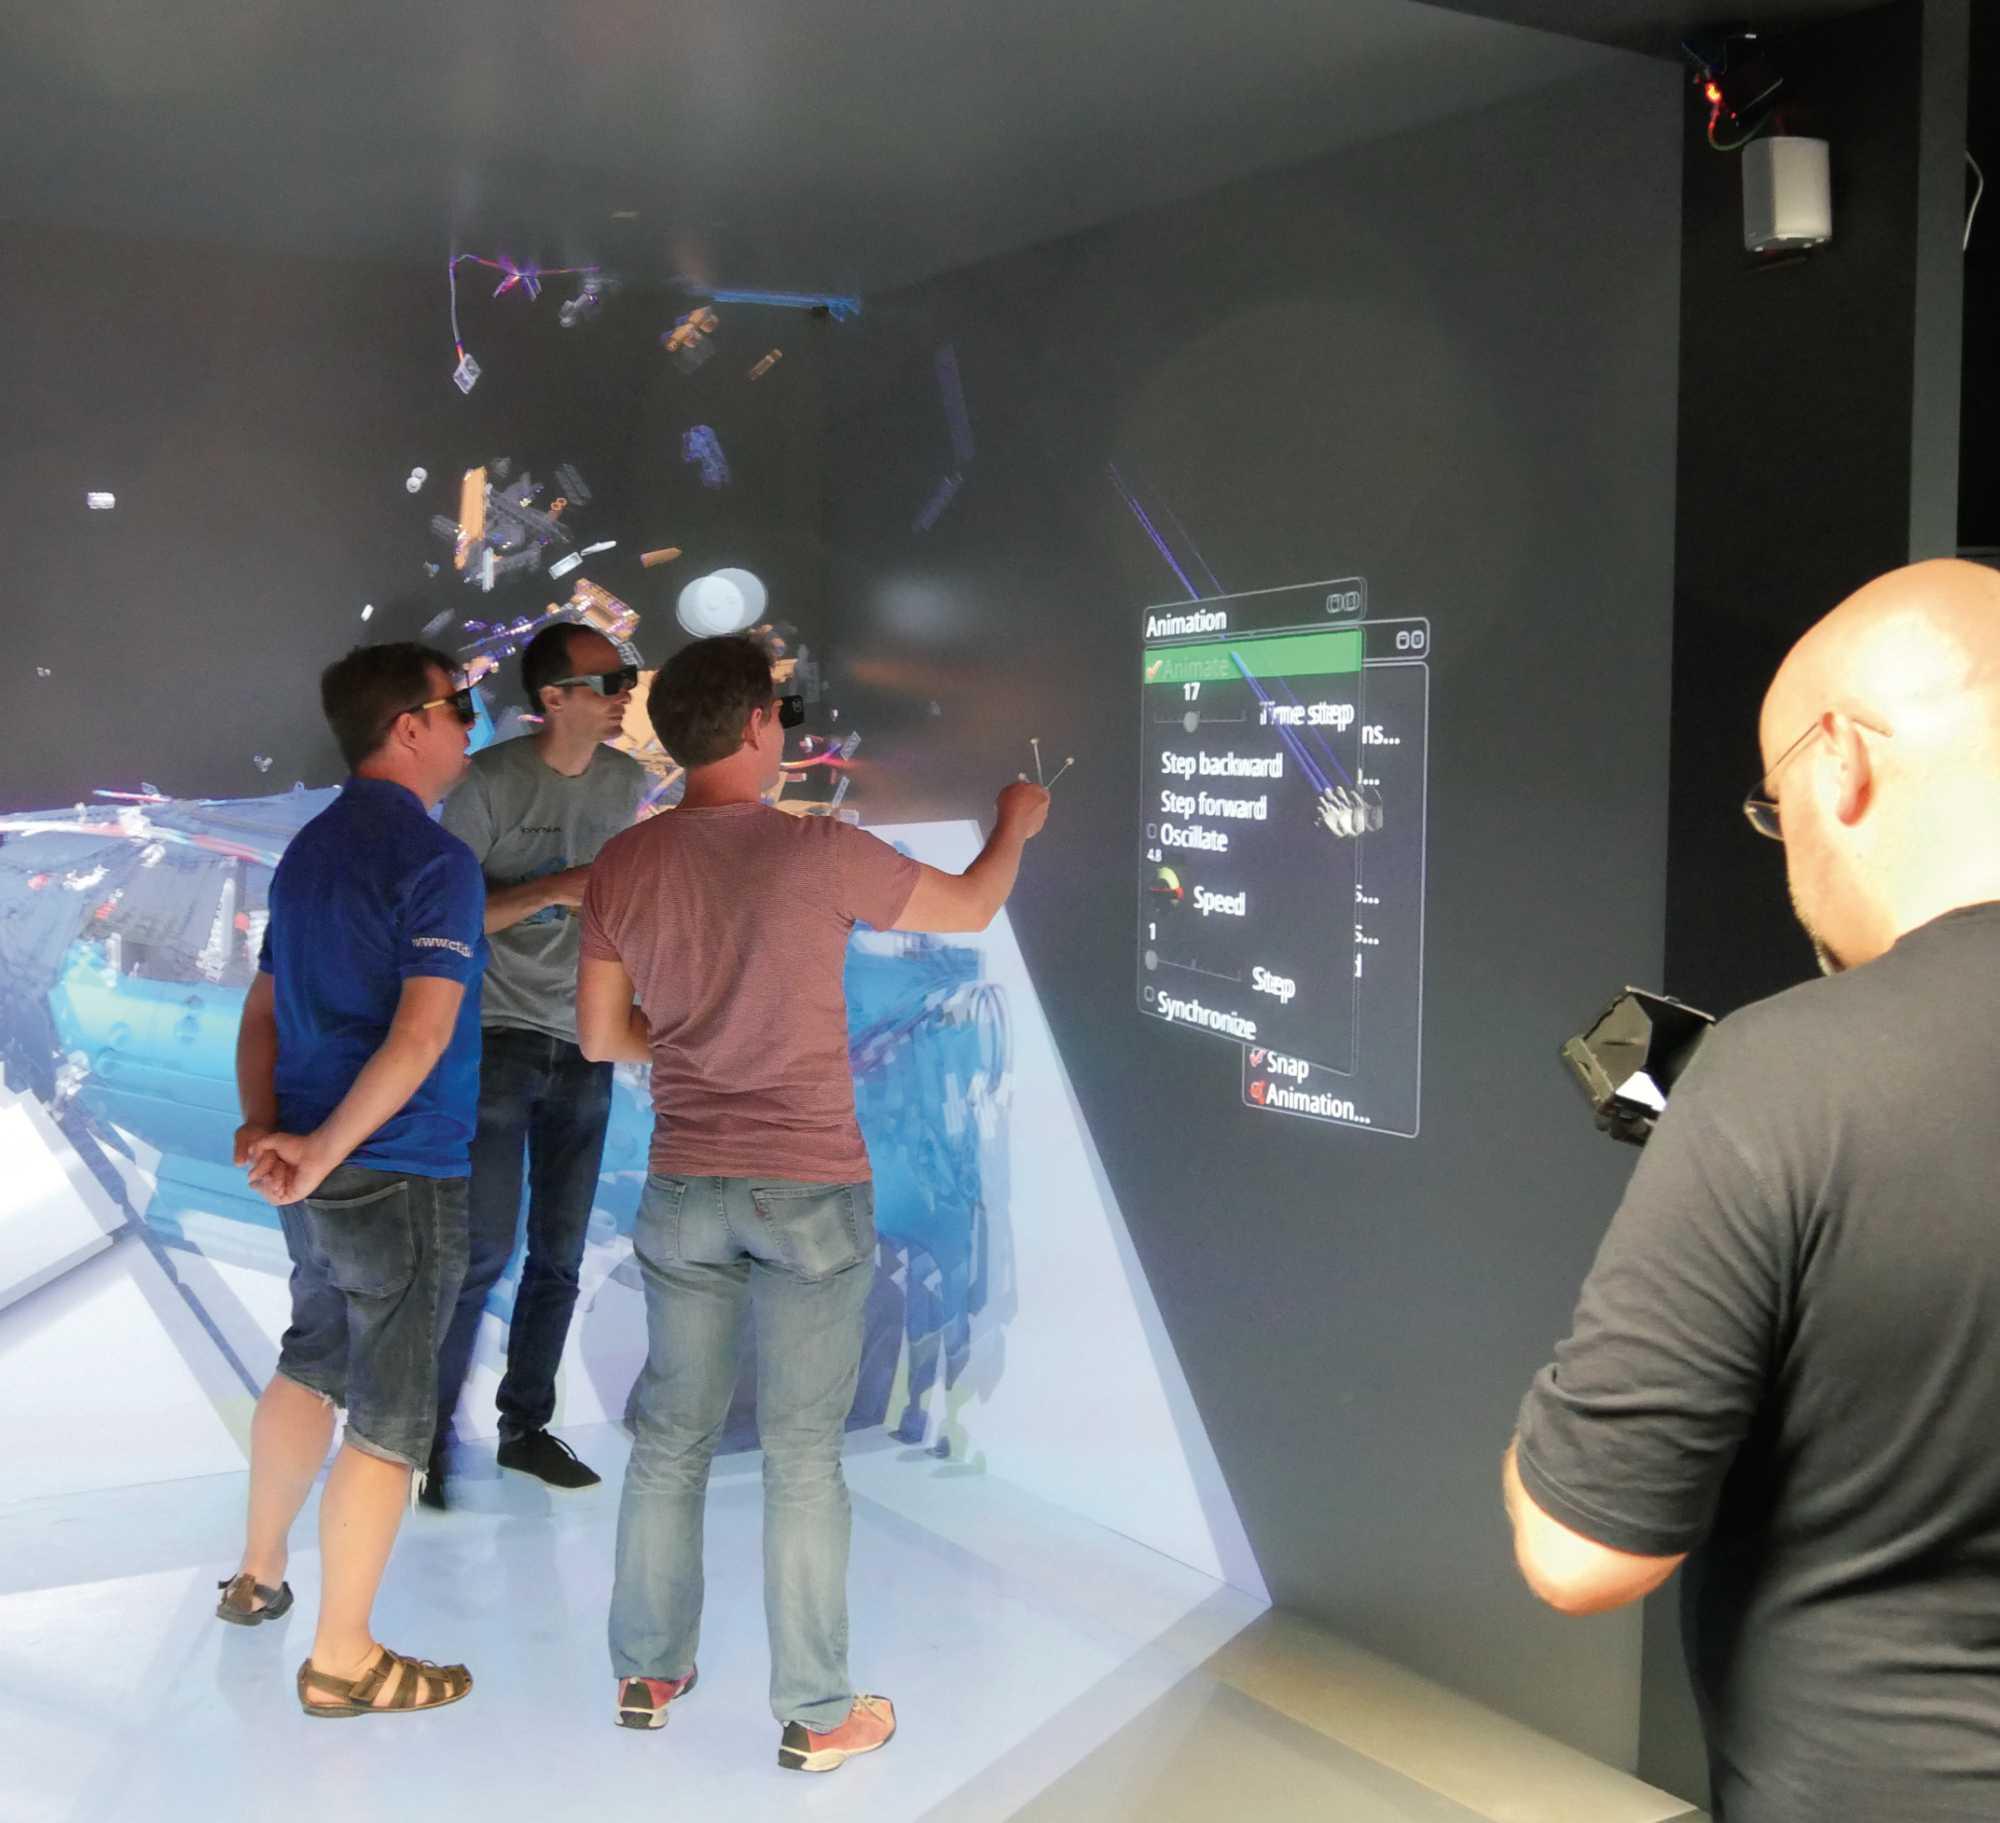 In der 3D-Cave des HLRS konnte man komplett ins virtuelle Crash-Geschehen eintauchen.